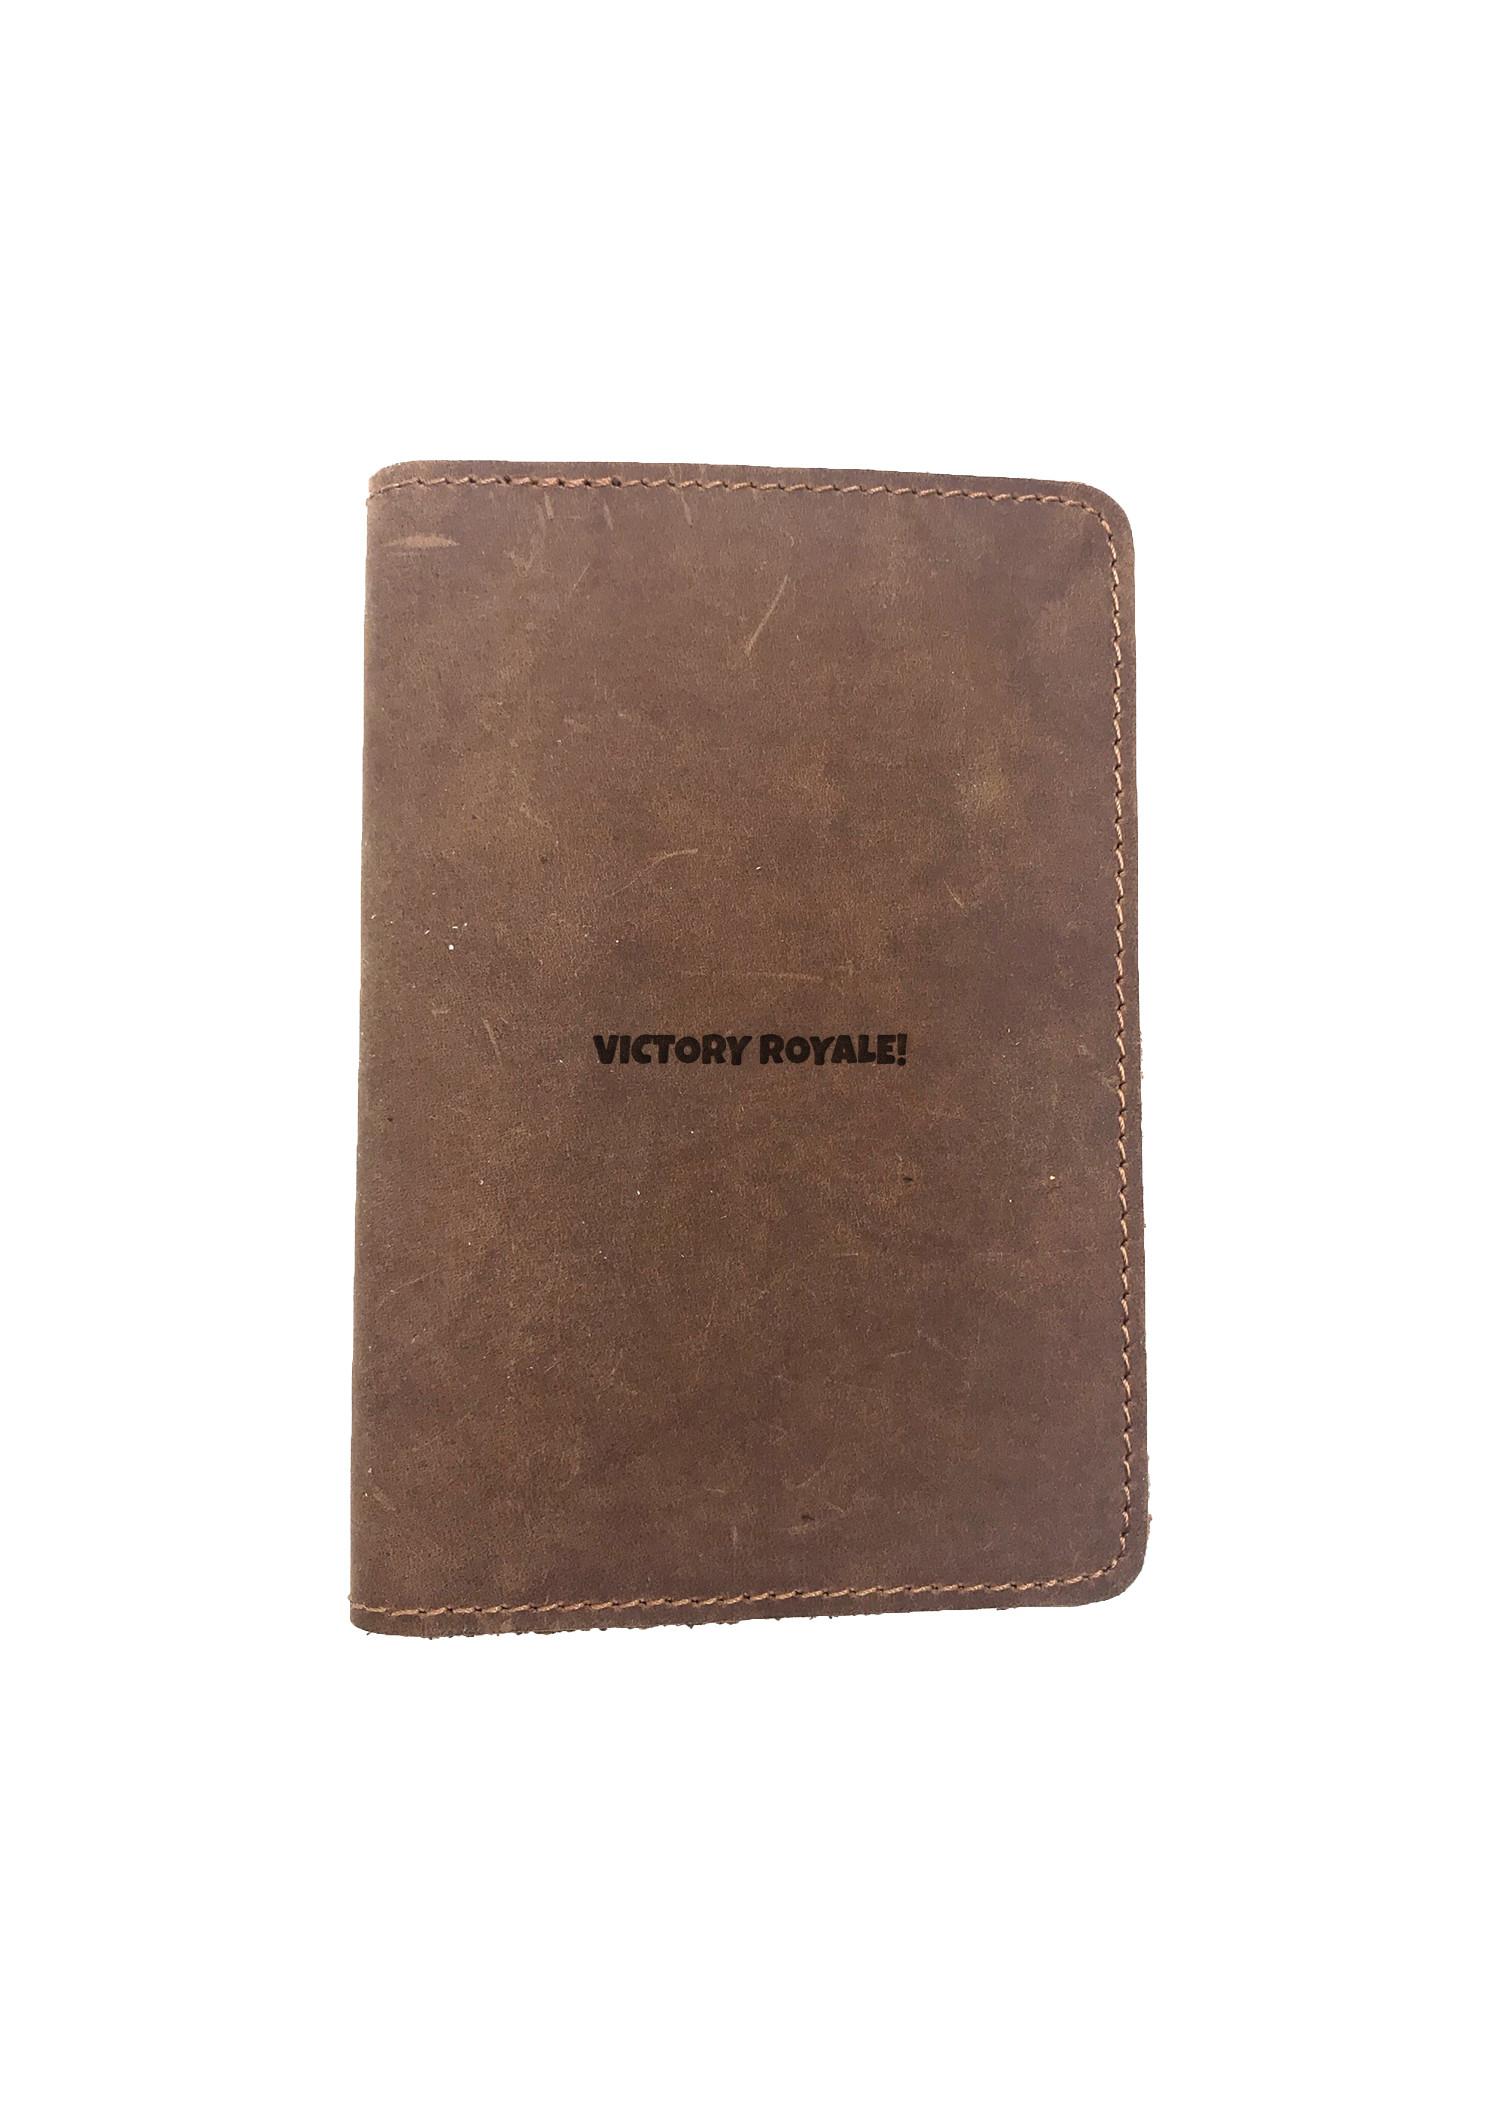 Passport Cover Bao Da Hộ Chiếu Da Sáp Khắc Hình Hình VICTORY ROYALE (BROWN)